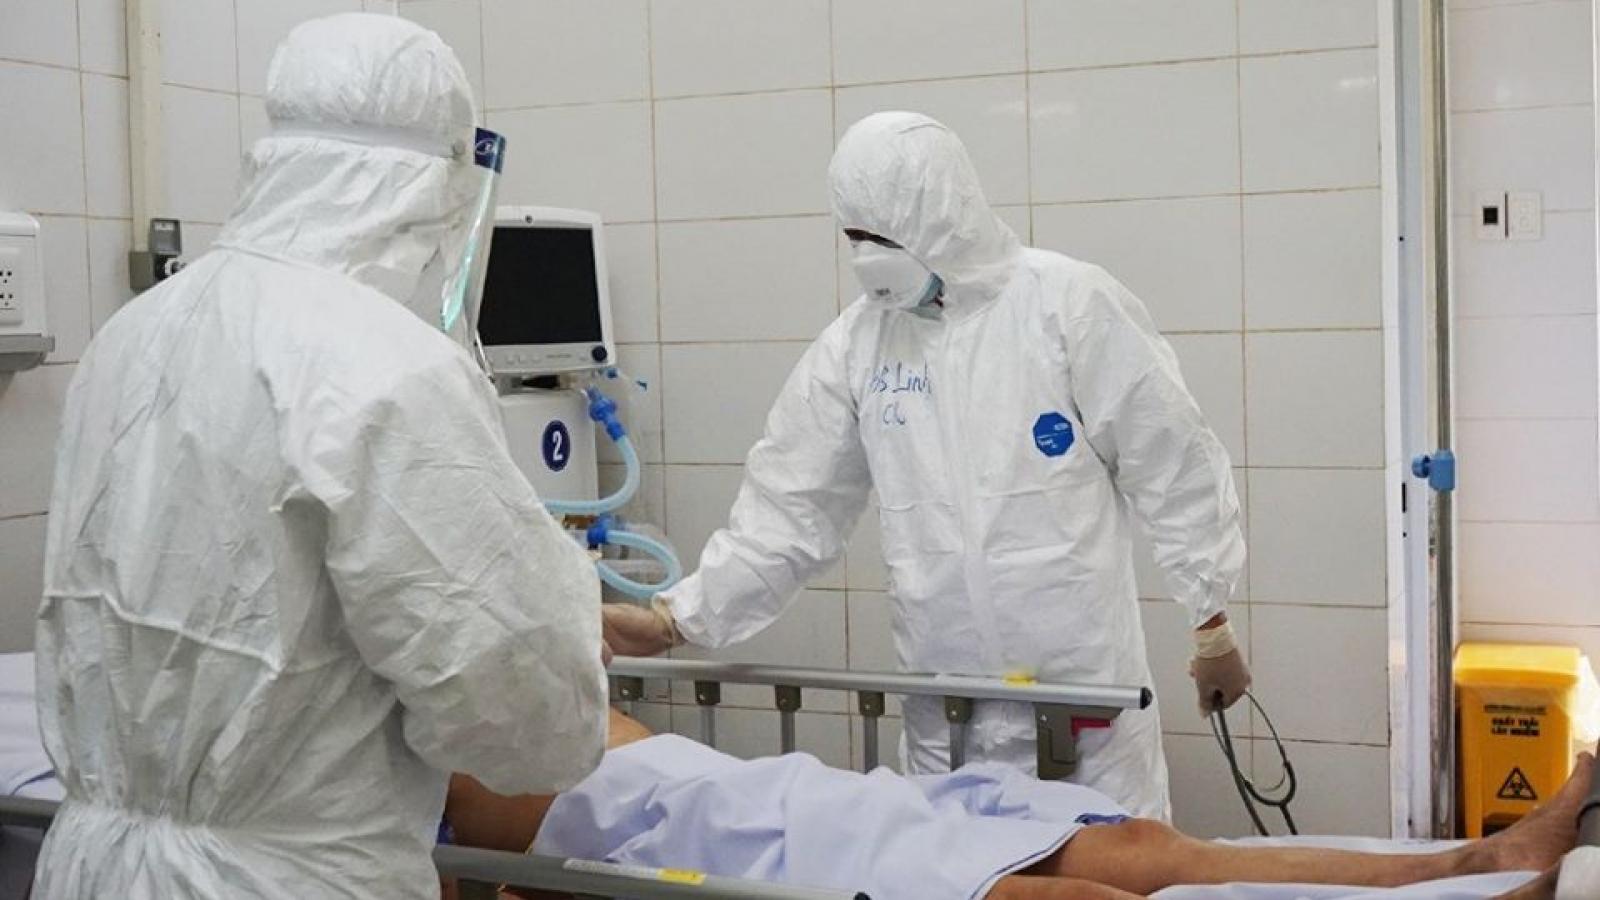 Video: Bên trong nơi cấp cứu các bệnh nhân Covid-19 tại BV Phổi Đà Nẵng